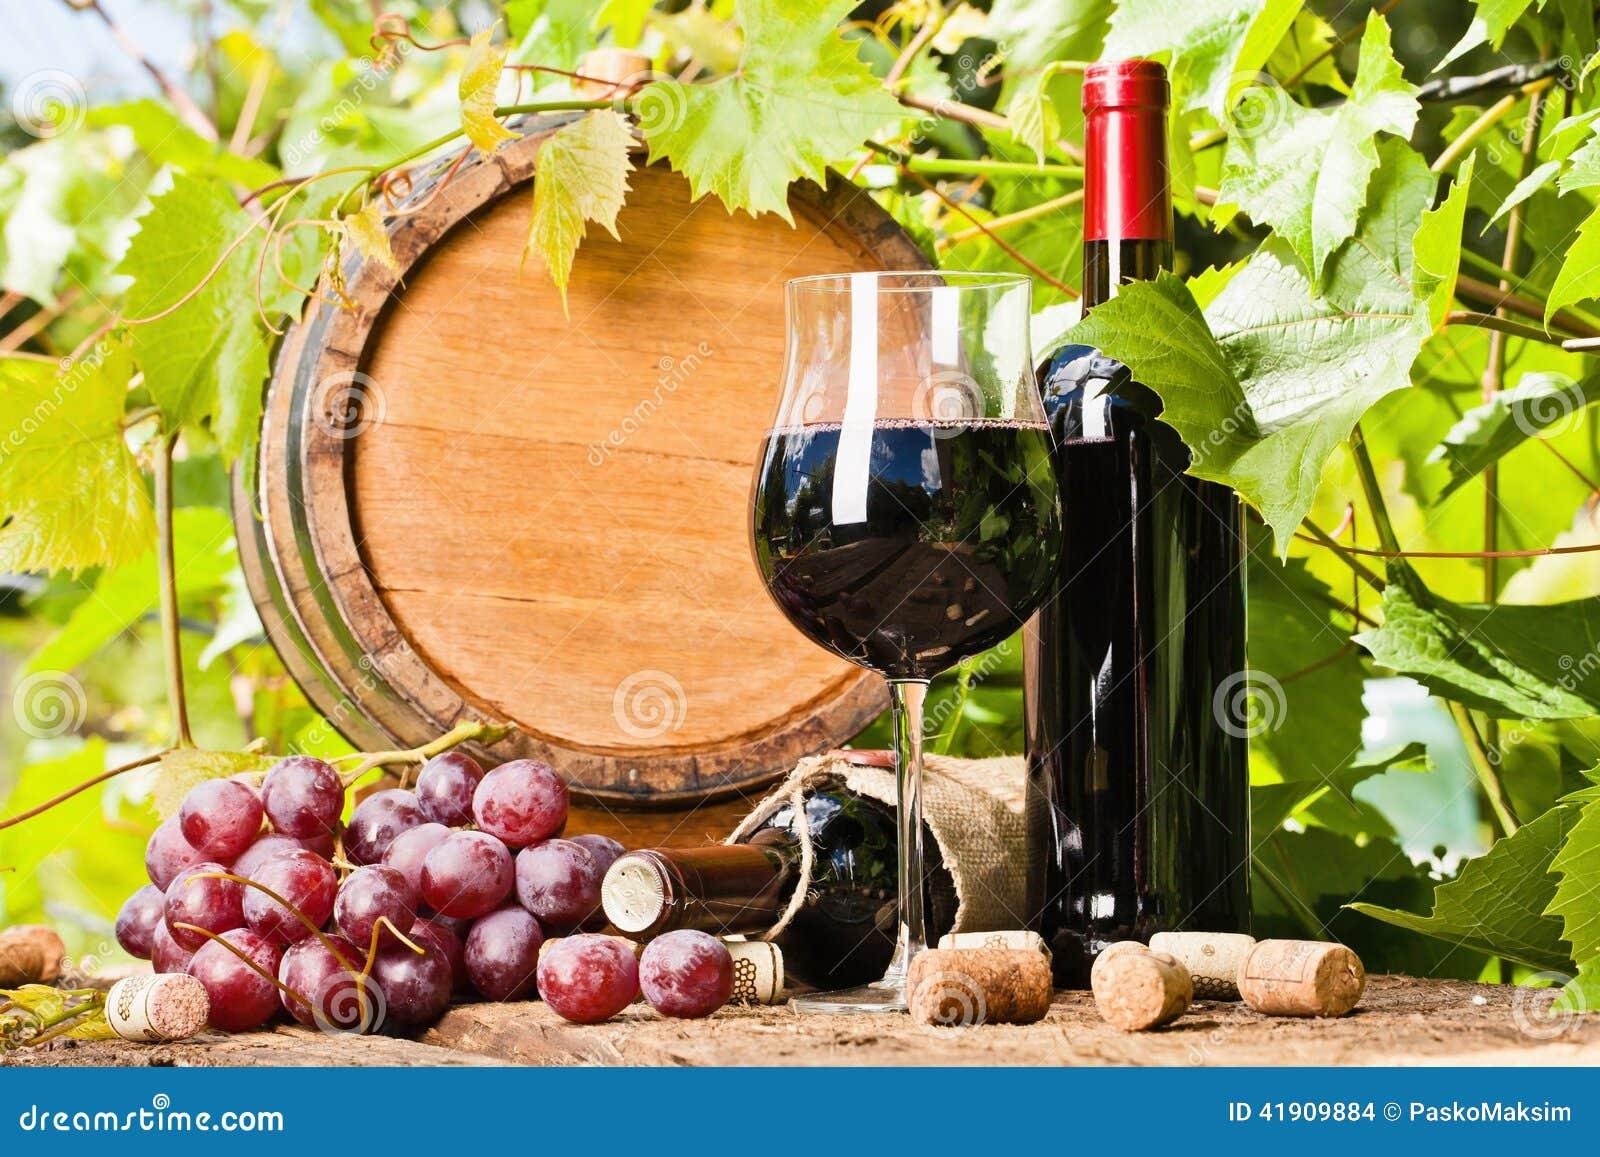 Вино, виноградины и состав виноградного вина